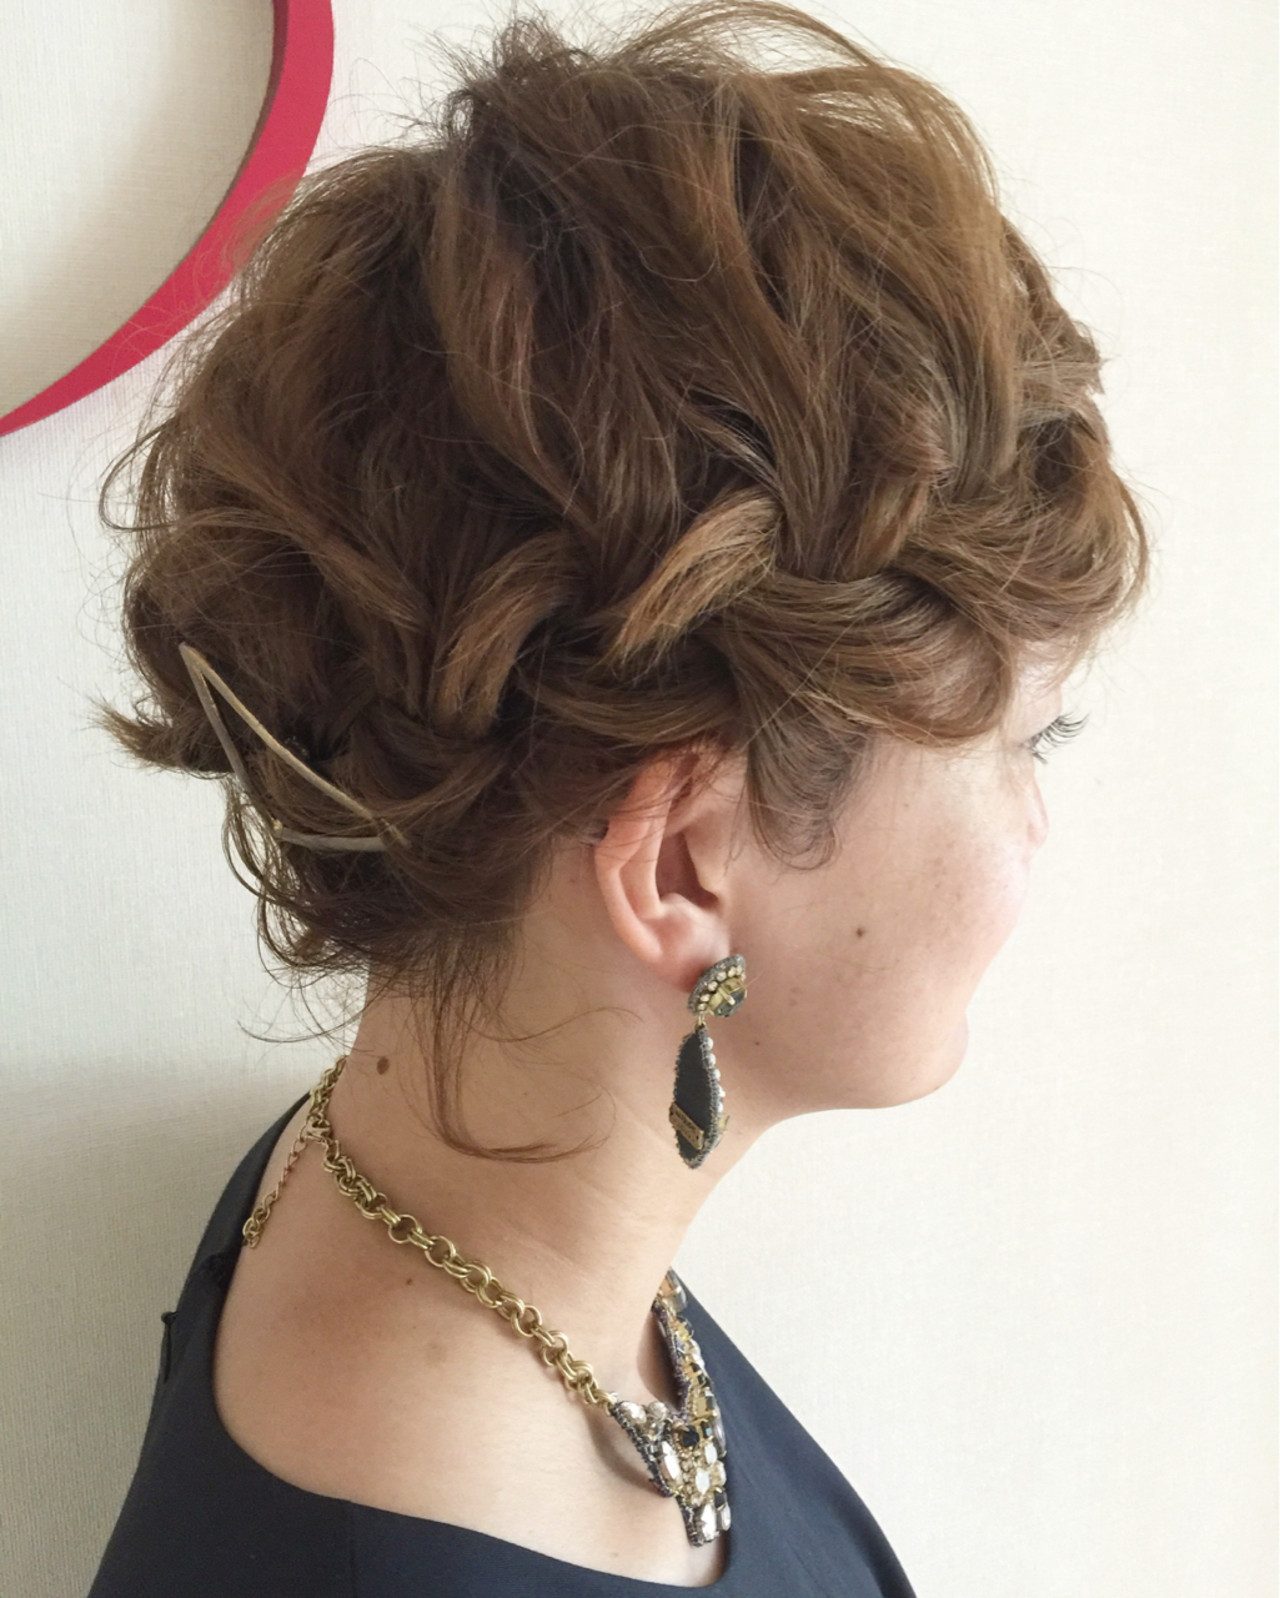 パーティ ガーリー ショート 結婚式 ヘアスタイルや髪型の写真・画像